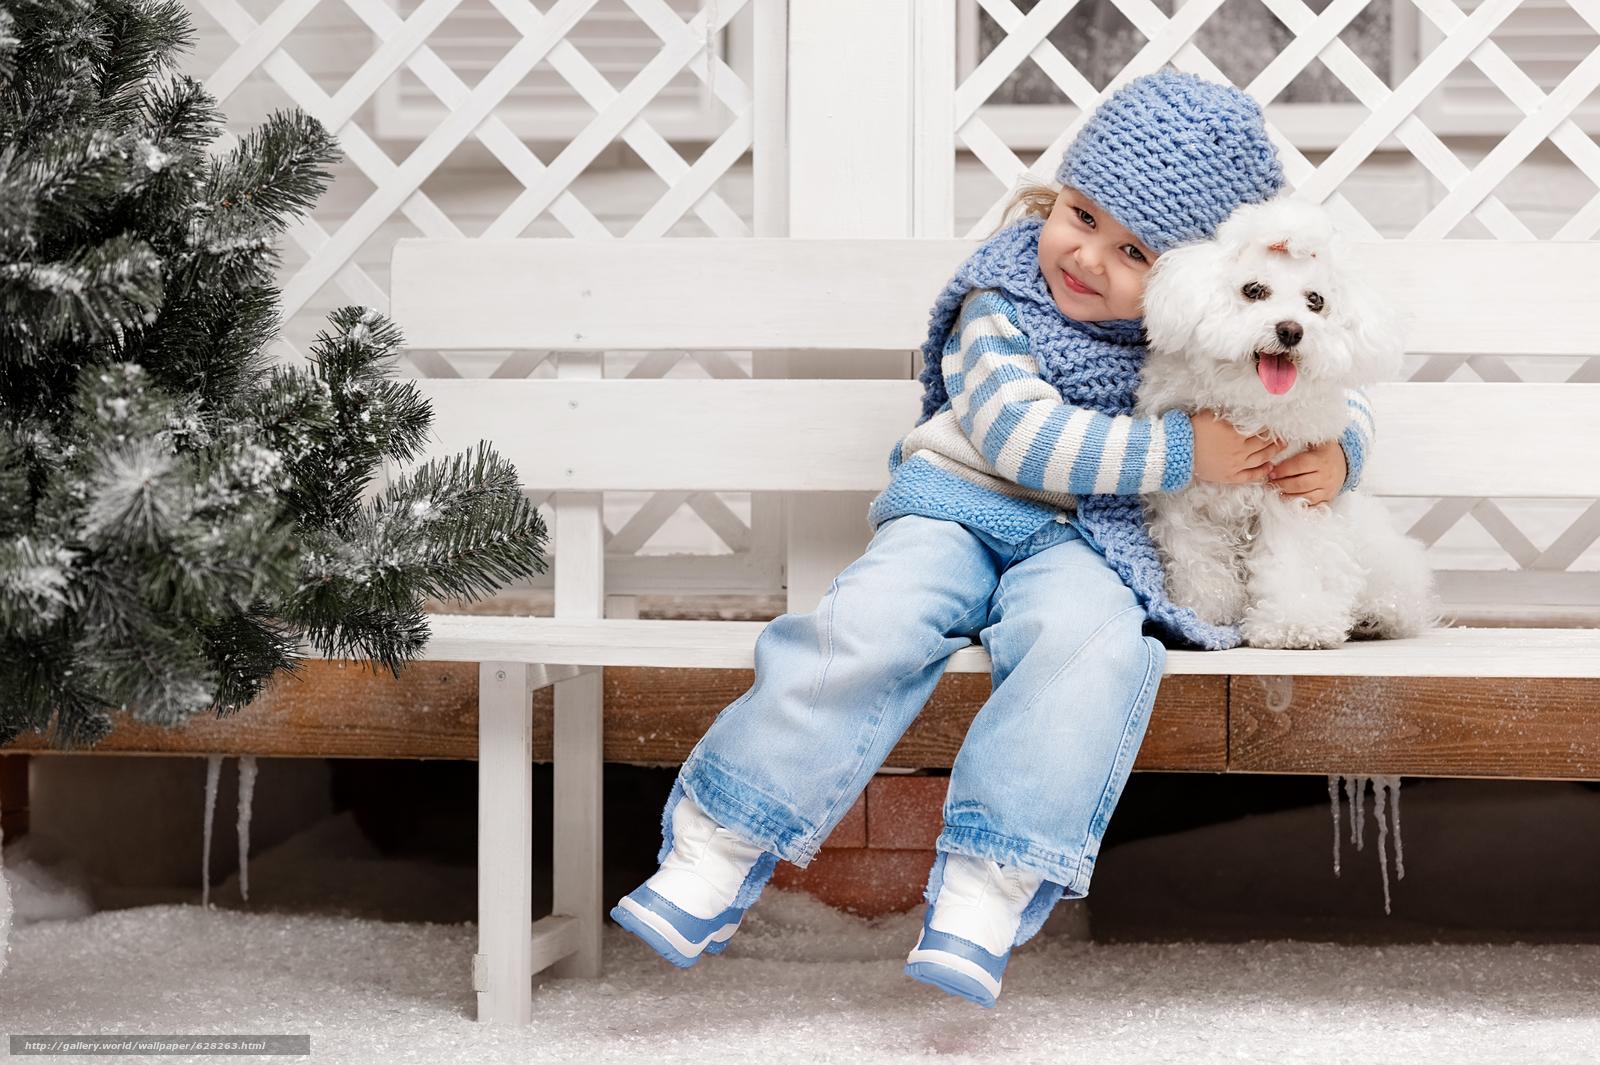 Фото девочек у которых луджеи друзья игрушки 10 фотография